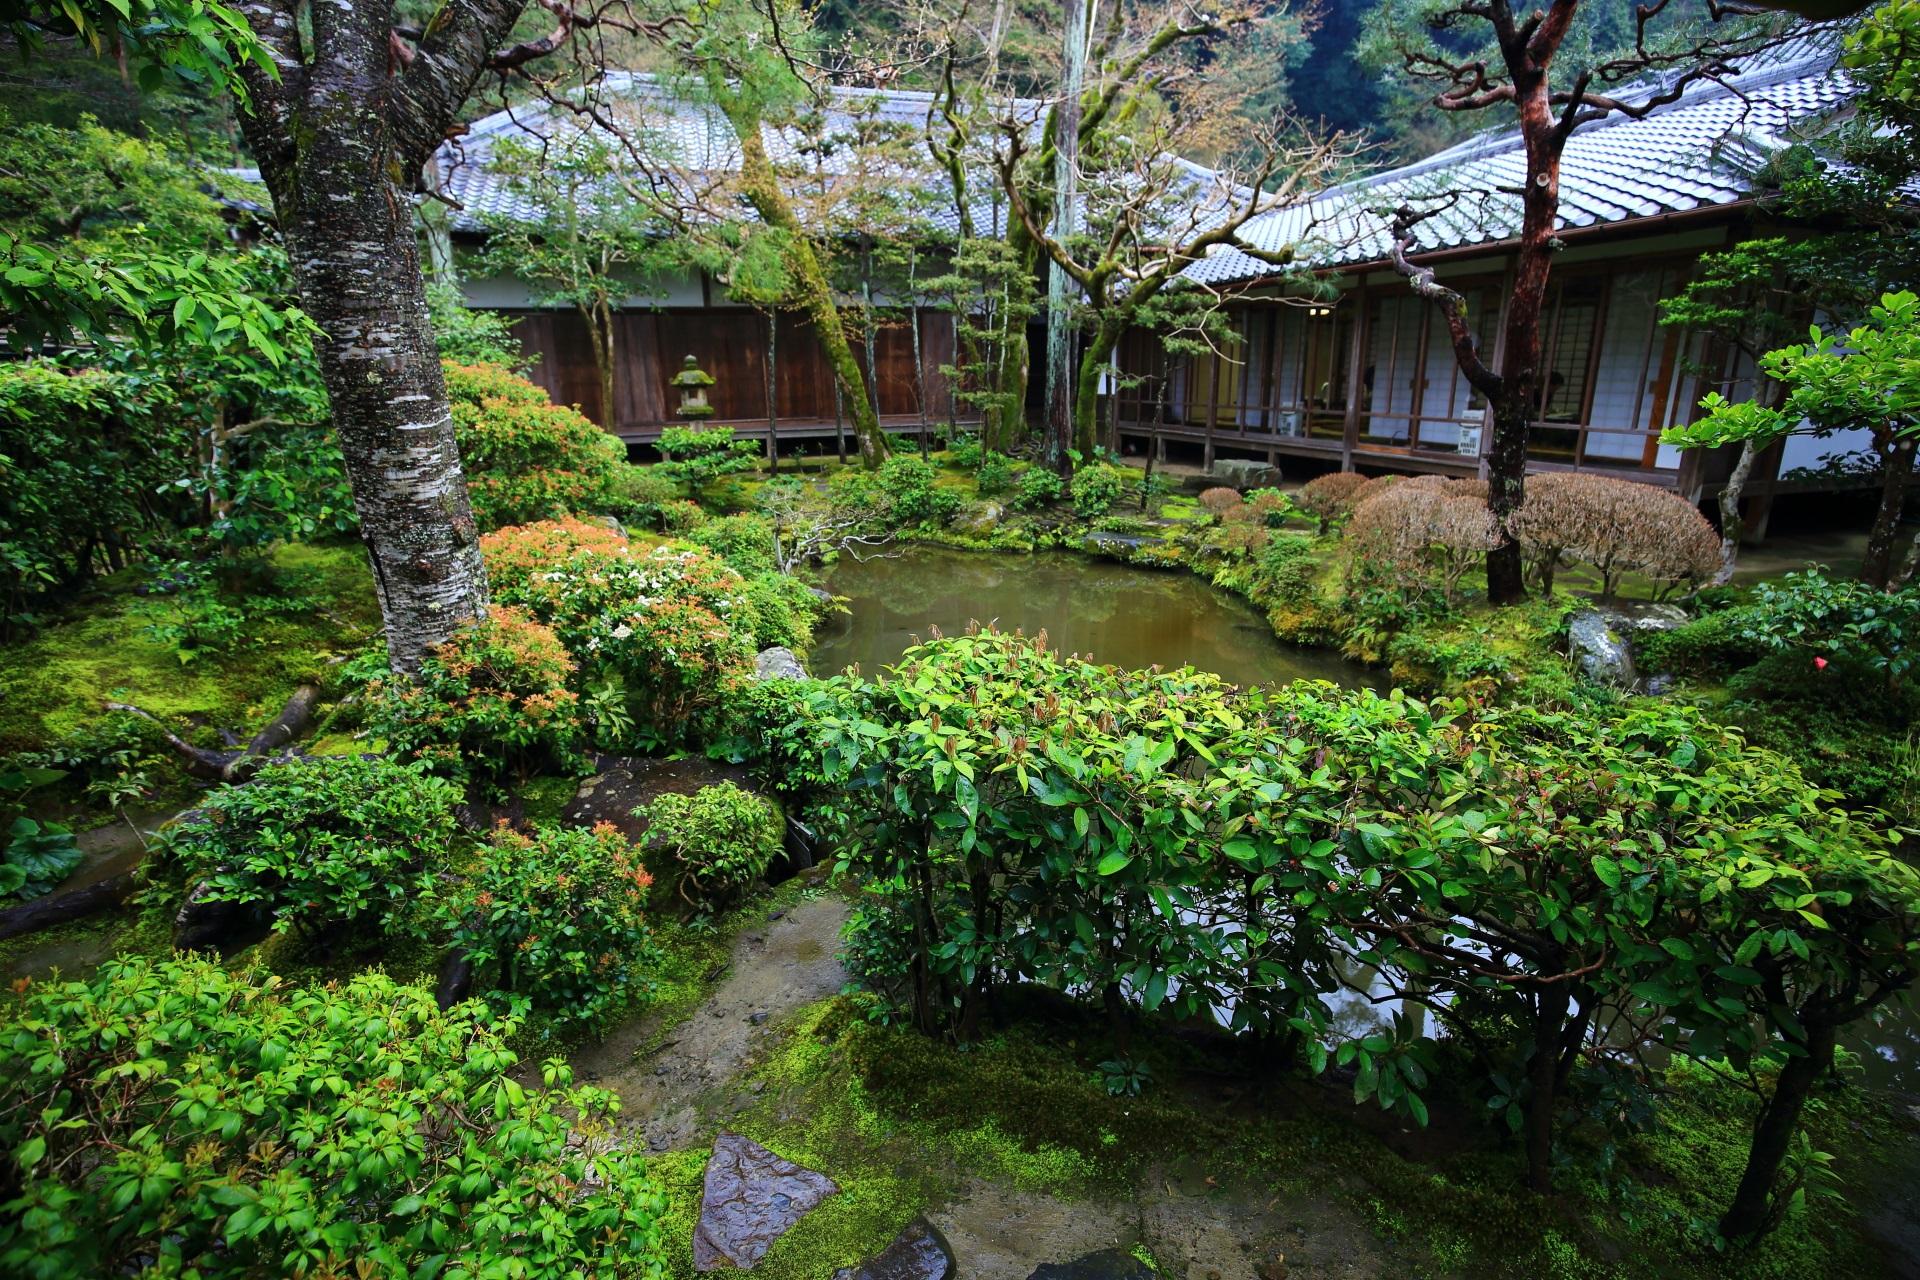 多種多様な緑が植えられている池泉式庭園の法然院の方丈庭園